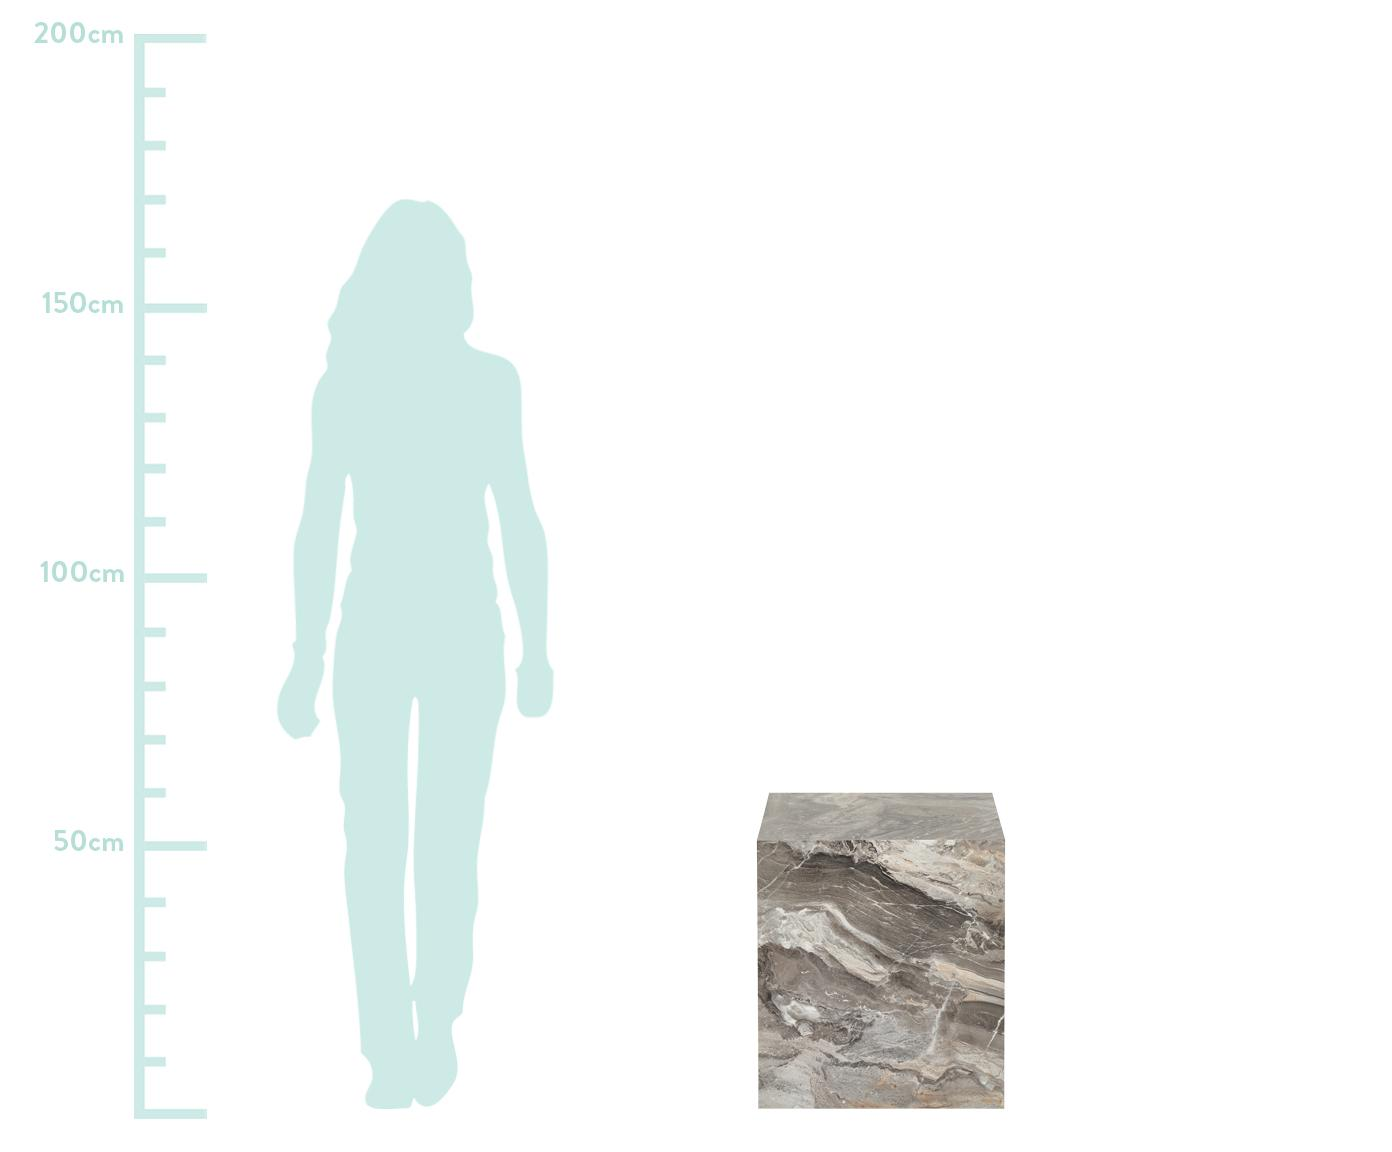 Beistelltisch Lesley in Marmoroptik, Mitteldichte Holzfaserplatte (MDF), mit Melaminfolie überzogen, Grau, marmoriert, 45 x 50 cm